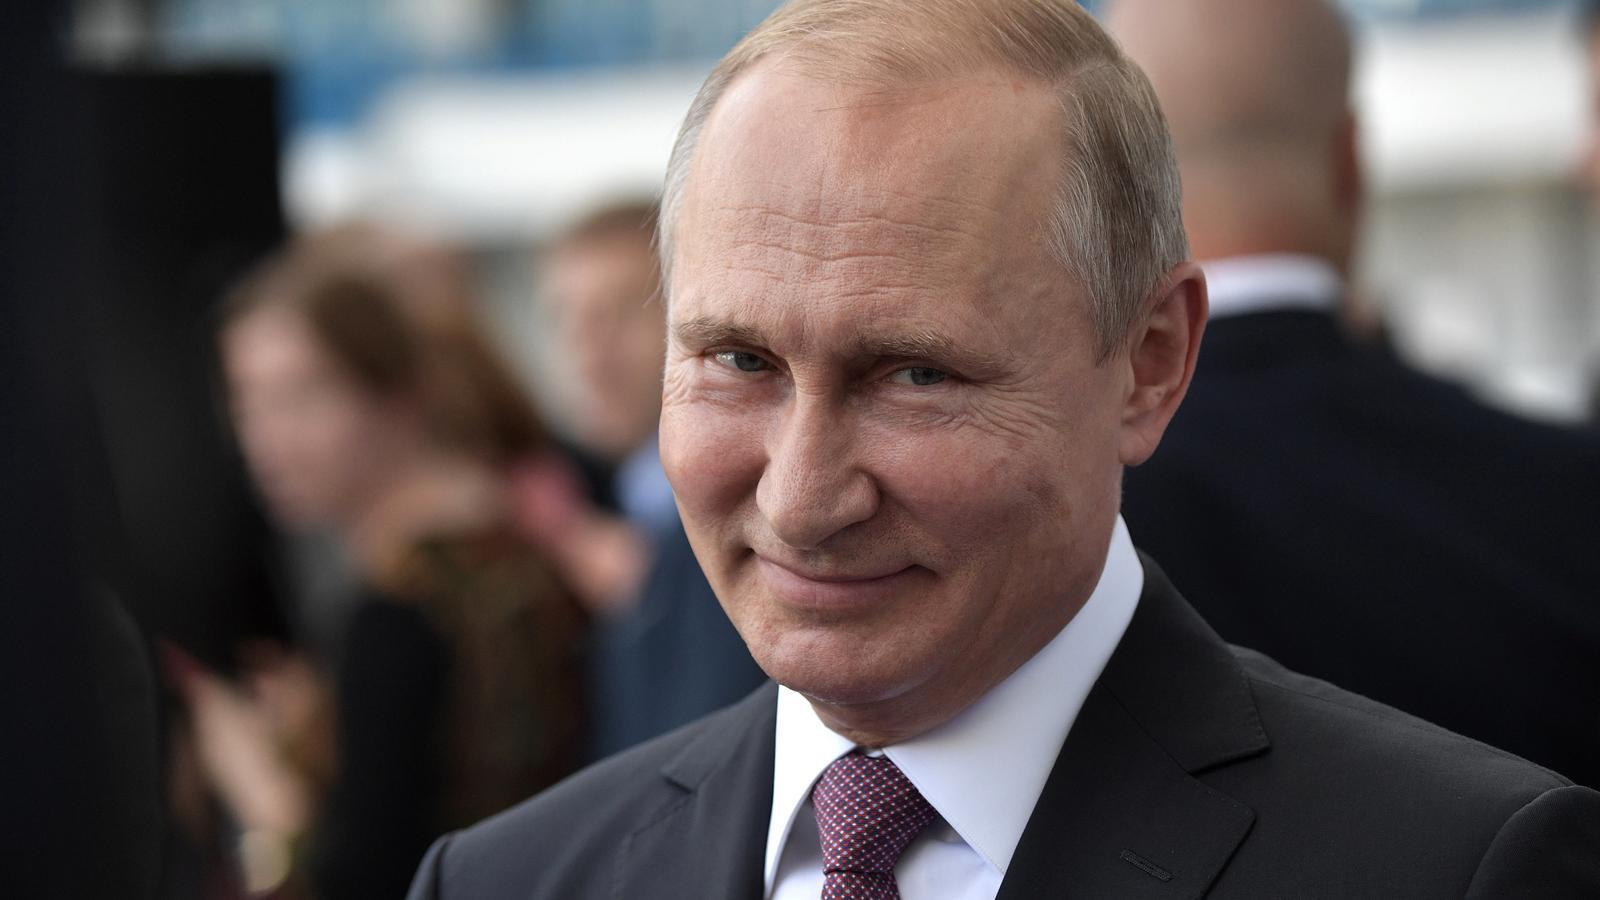 Putin somrient en la cloenda del Mundial de Futbol jugat a Rússia